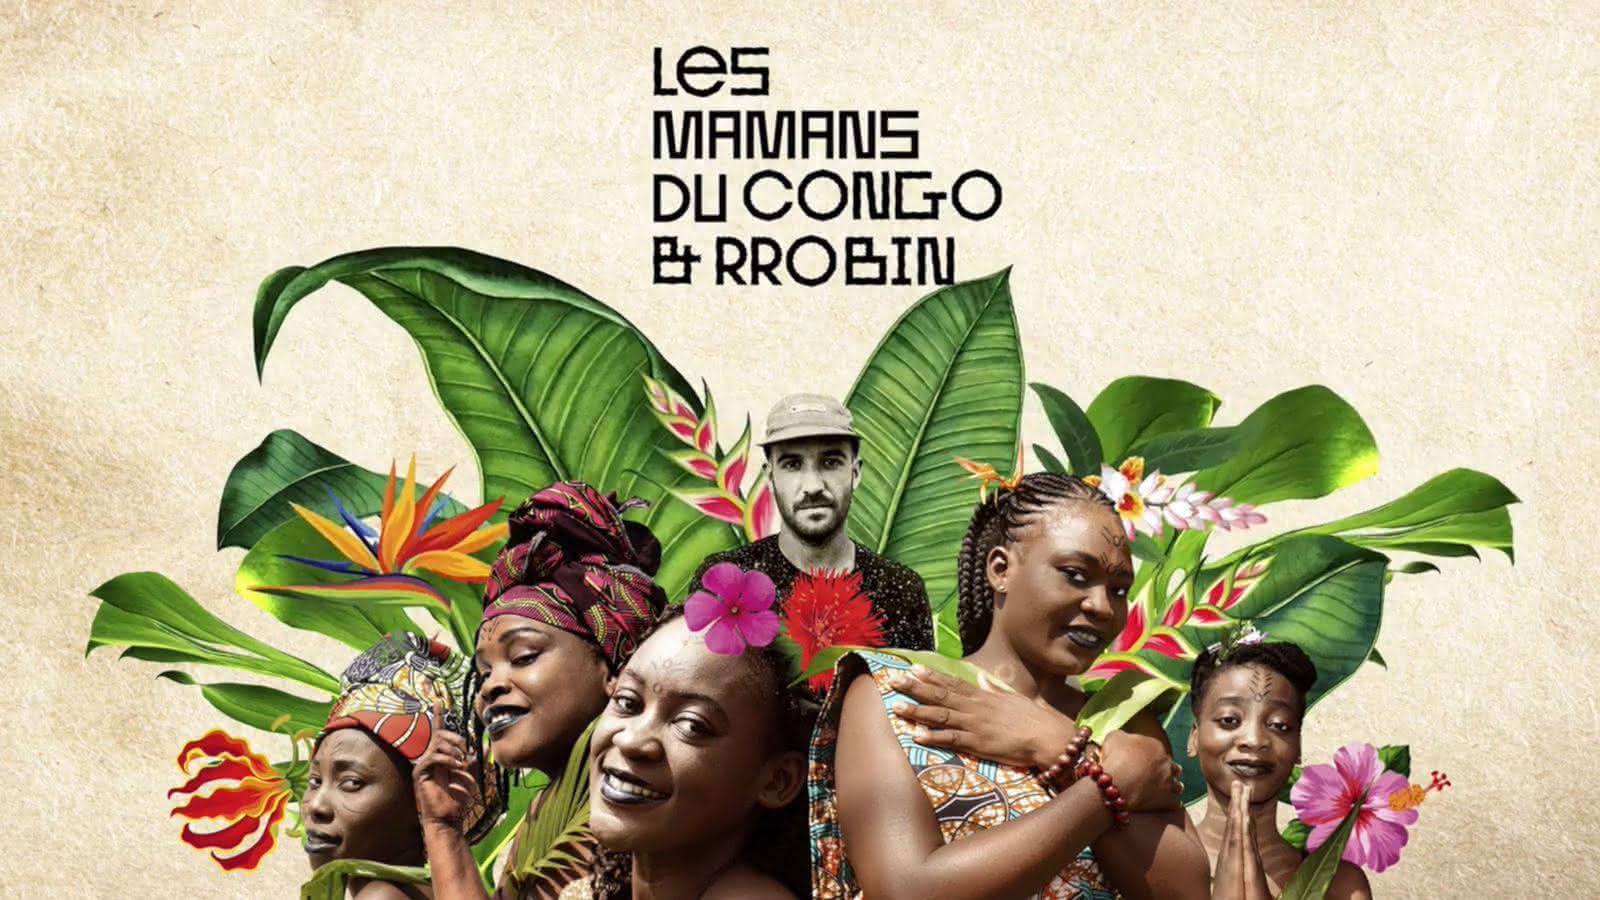 © Mamans du Congo & Rrobin